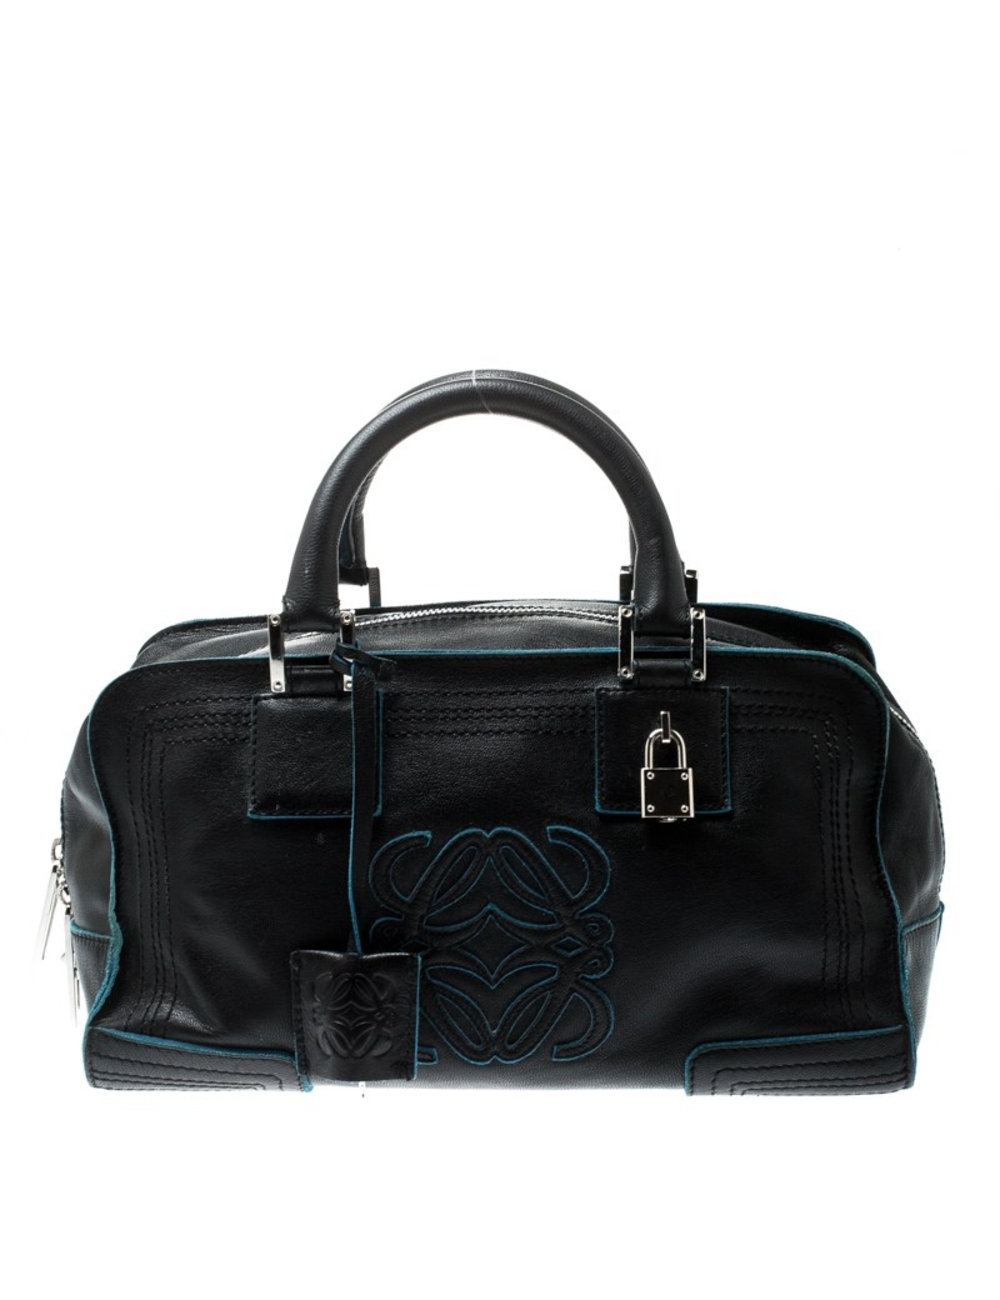 這款Loewe Amazona公文包是一款寬敞時尚的包,可以輕鬆容納不僅僅是您的必需品,是旅途中女人必不可少的裝備。該品牌的包包頗受歡迎,採用黑色皮革精製而成,並在各處飾有對比鮮明的藍色飾邊,並在正面